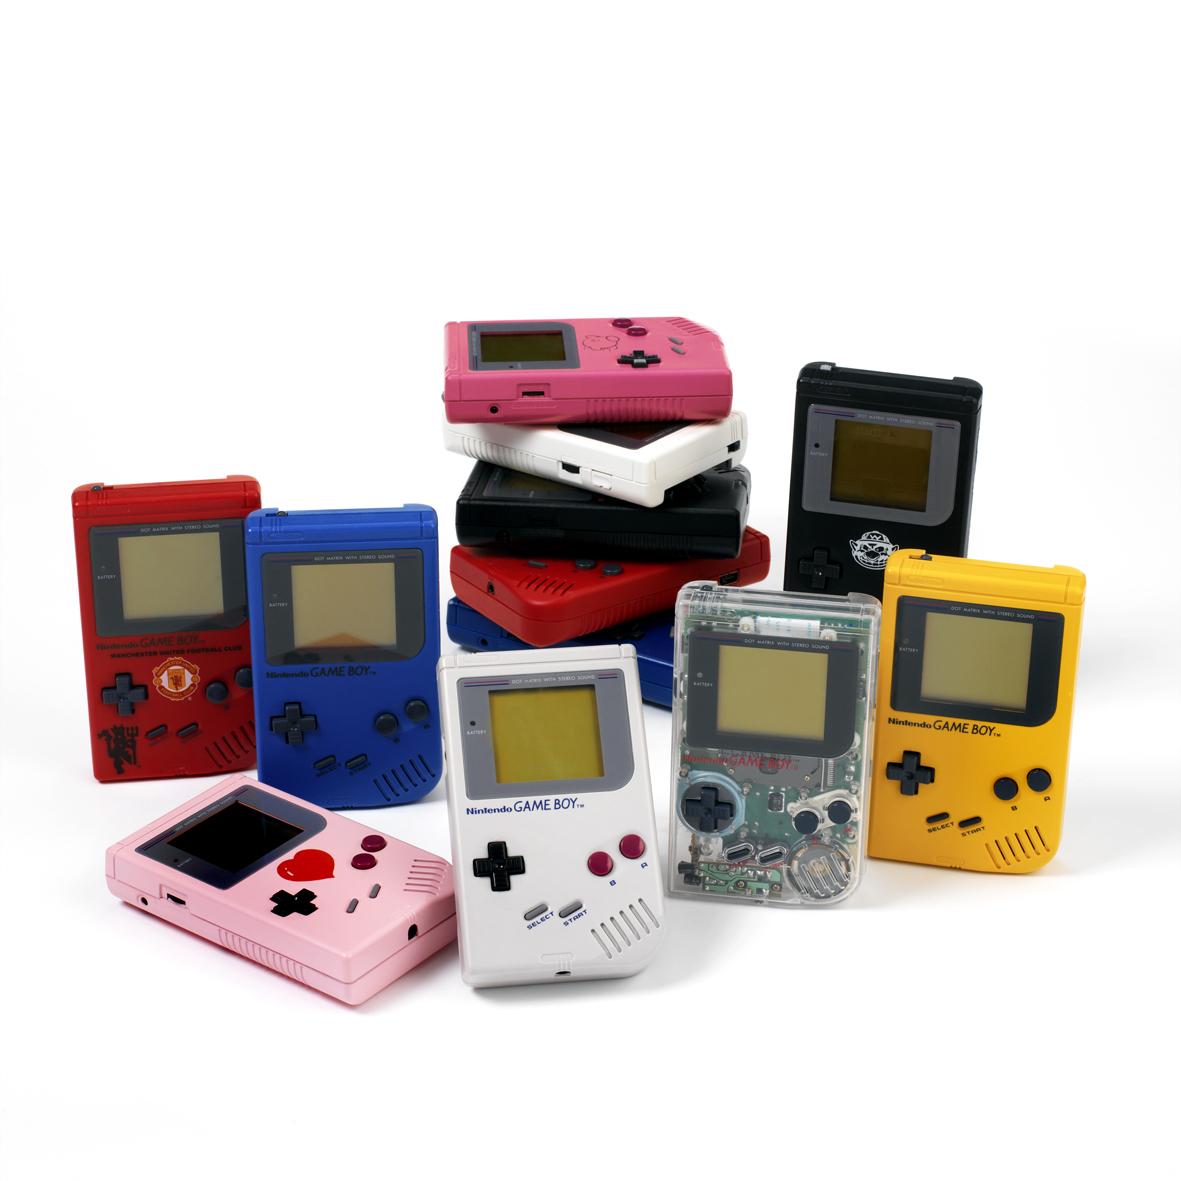 Schon lange bevor andere Hersteller ihren Spiel-Konsolen visuelle Makeovers verpassten, vermarktete Nintendo seinen Game Boy in verschiedenen Farb- und Form-Varianten.